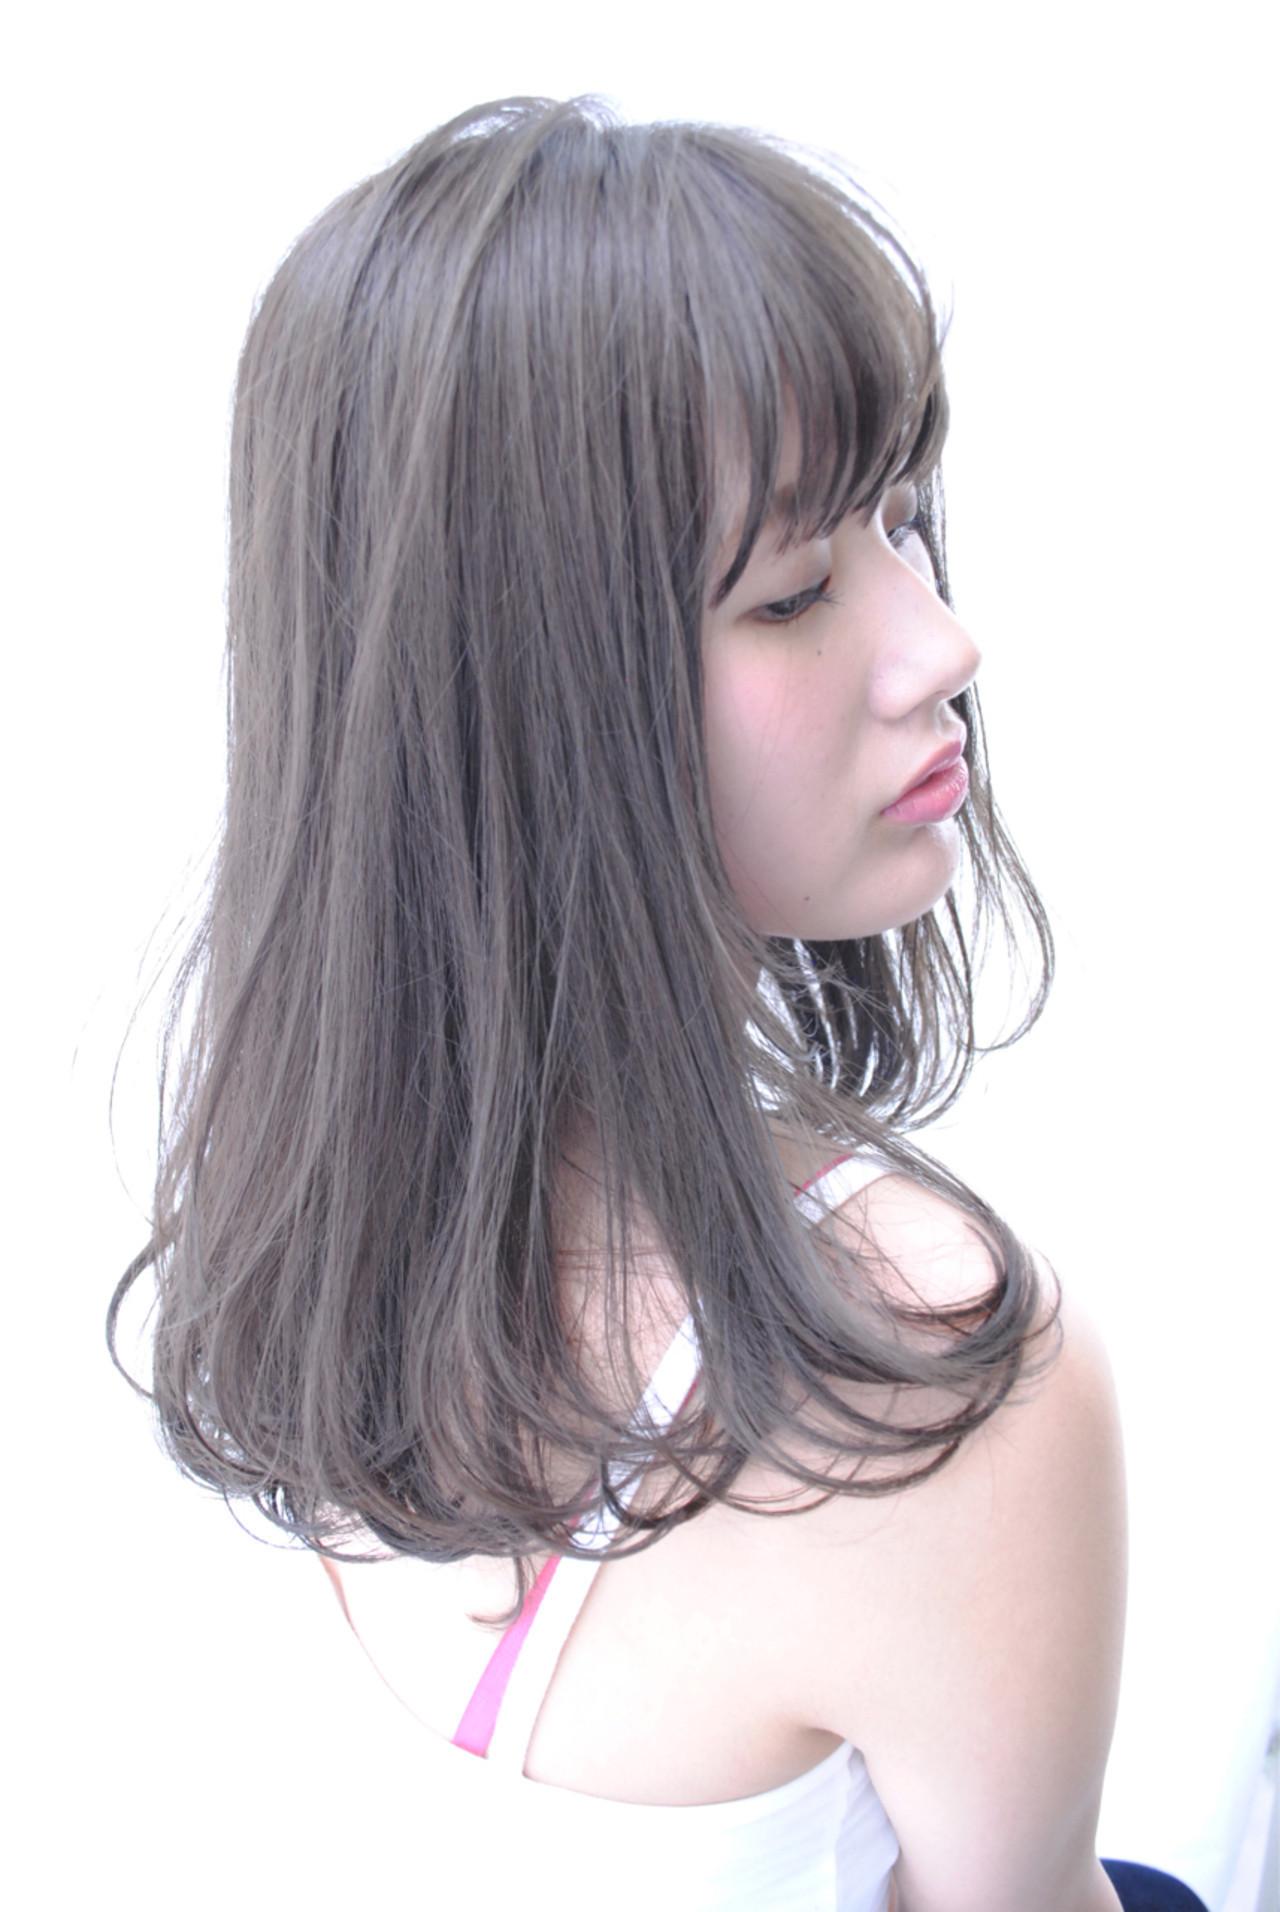 セルフヘアカラーで魅惑の透明感♡暗め・明るめアッシュの魅力とは?の5枚目の画像